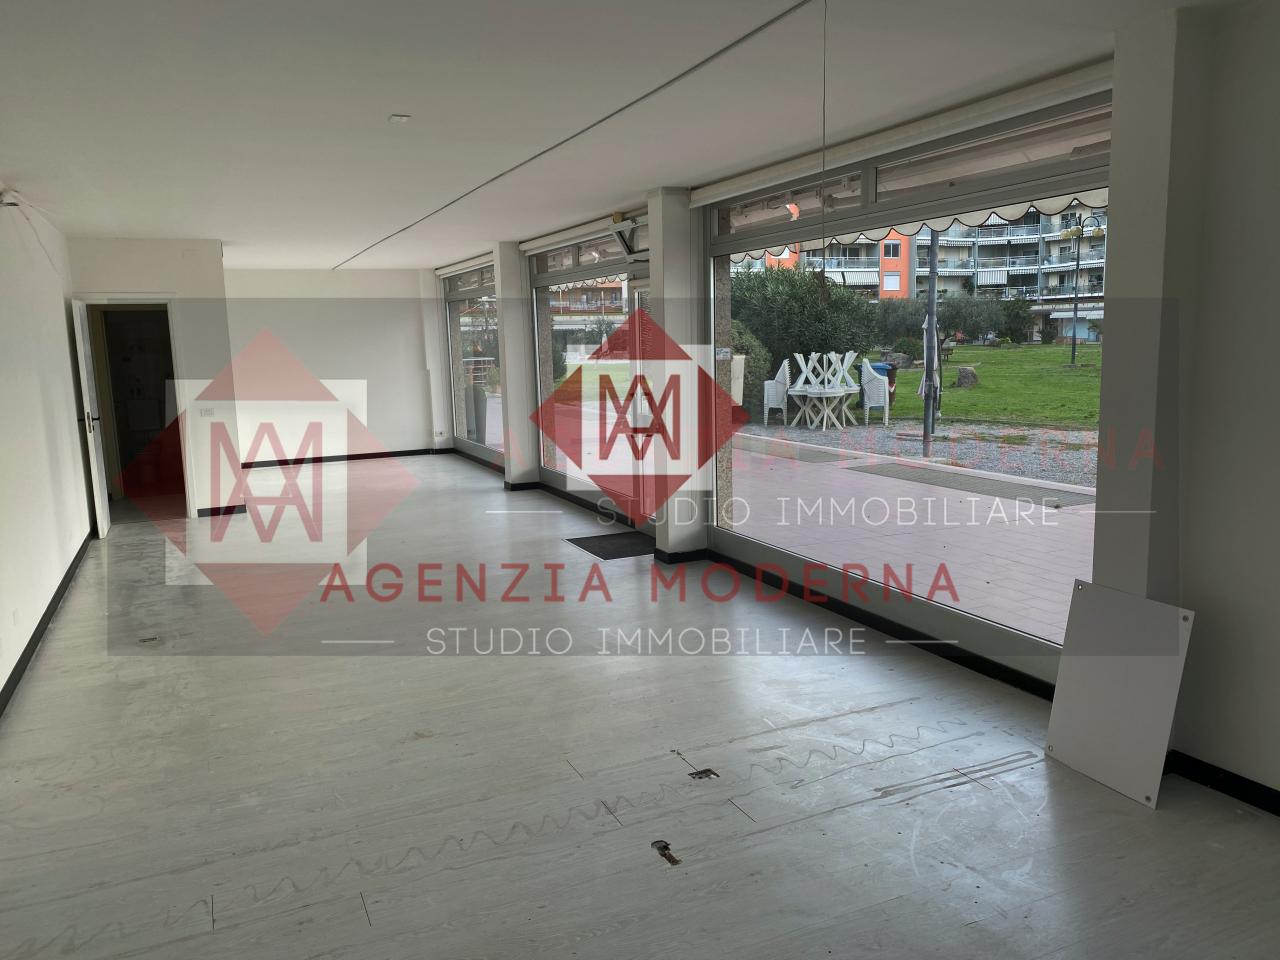 Negozio / Locale in affitto a Ventimiglia, 2 locali, prezzo € 700 | PortaleAgenzieImmobiliari.it